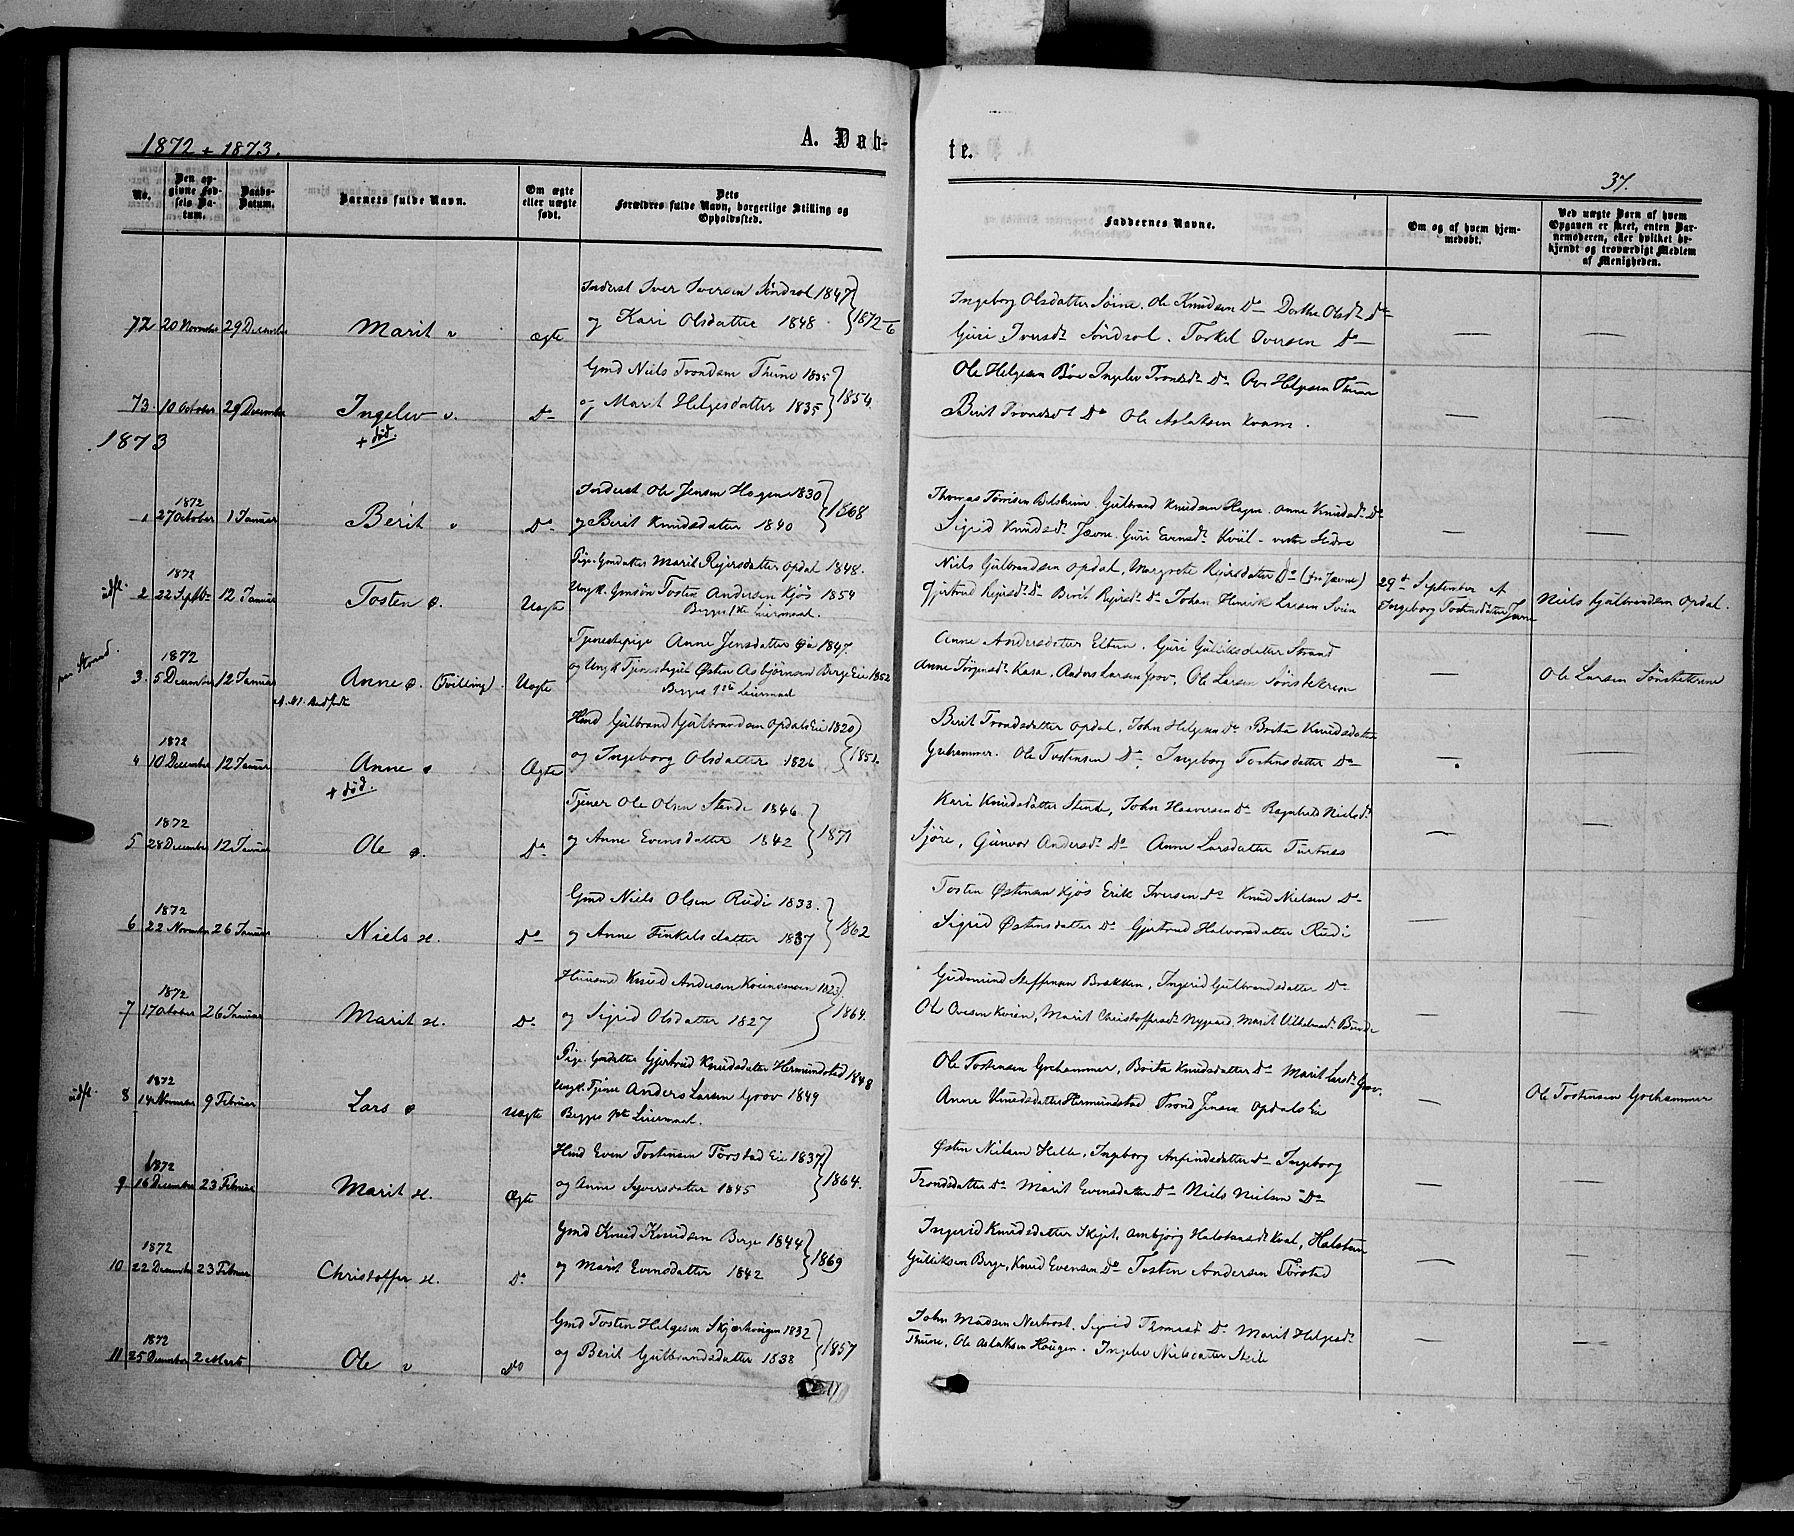 SAH, Vang prestekontor, Valdres, Ministerialbok nr. 7, 1865-1881, s. 37